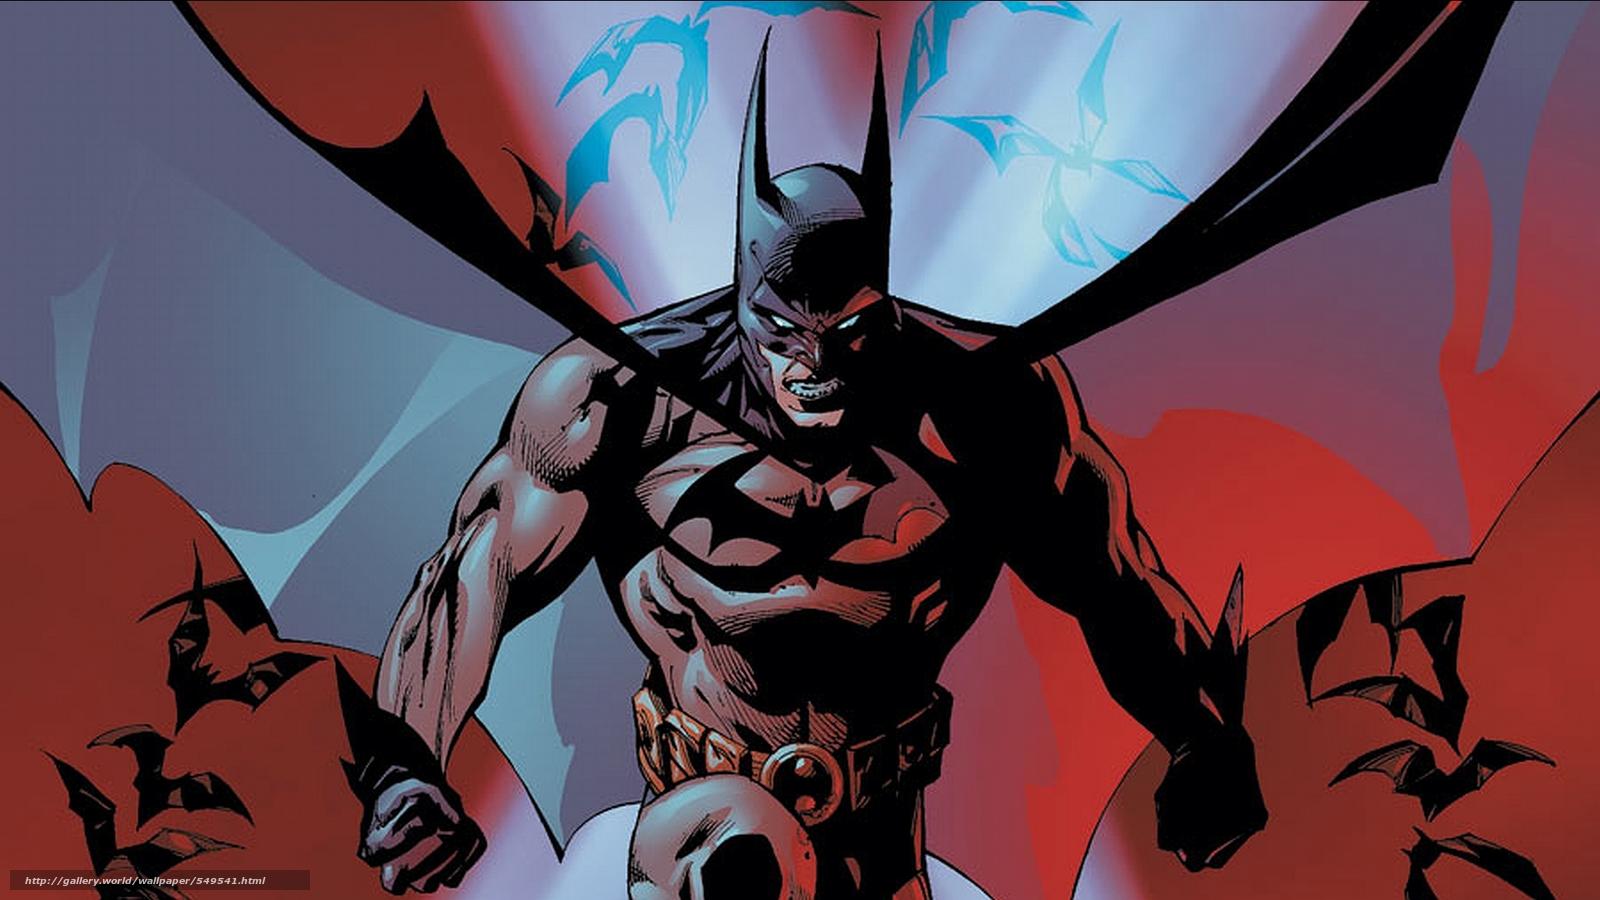 下载壁纸 艺术, 蝙蝠侠, 布鲁斯·韦恩, 黑暗骑士 免费为您的桌面